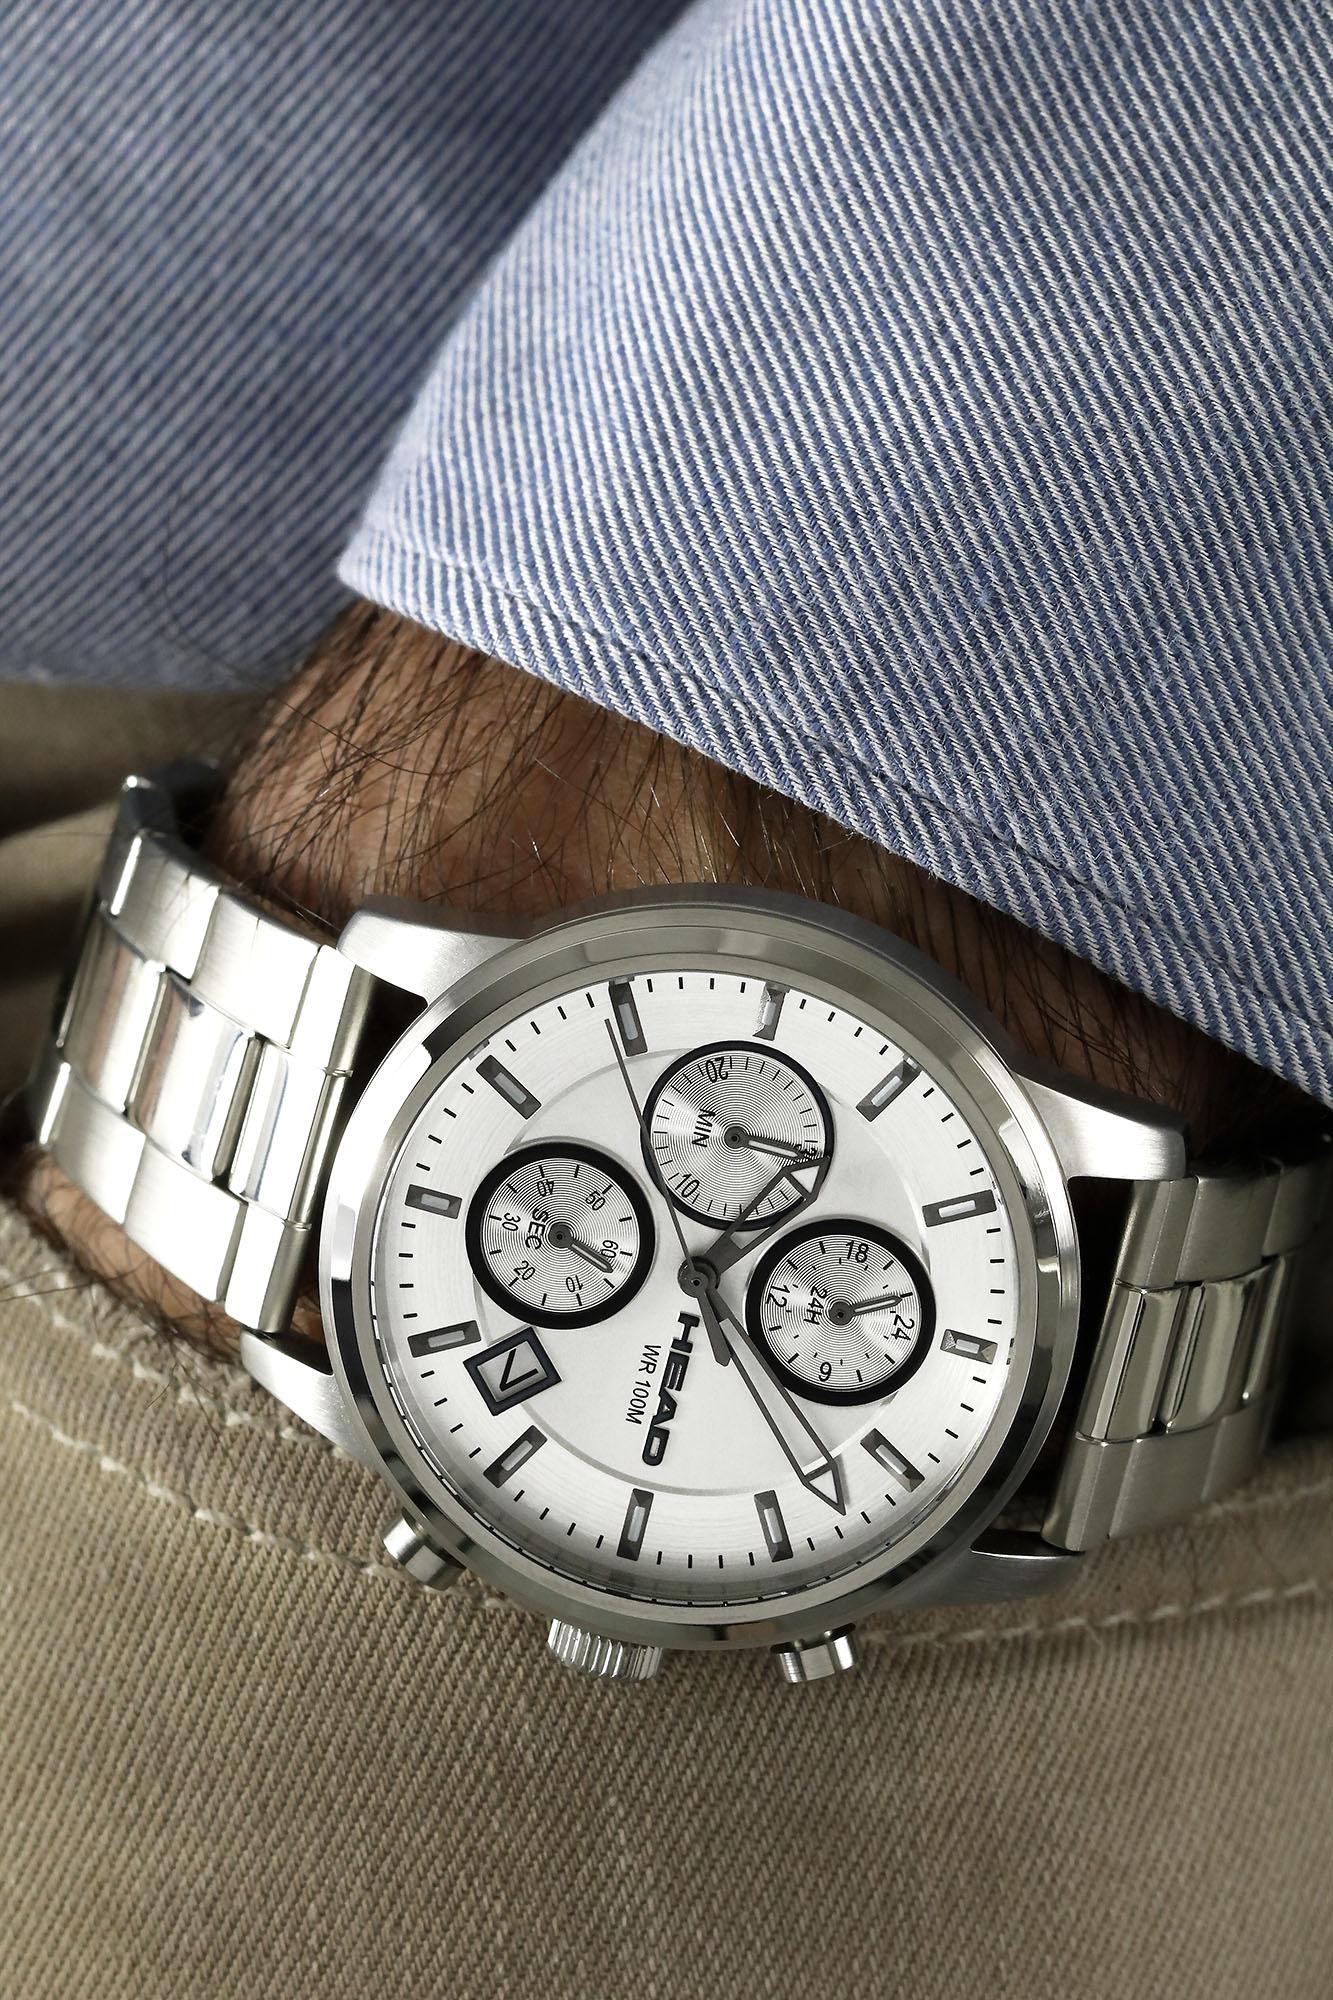 Amazon USA: Reloj Head con cronografo